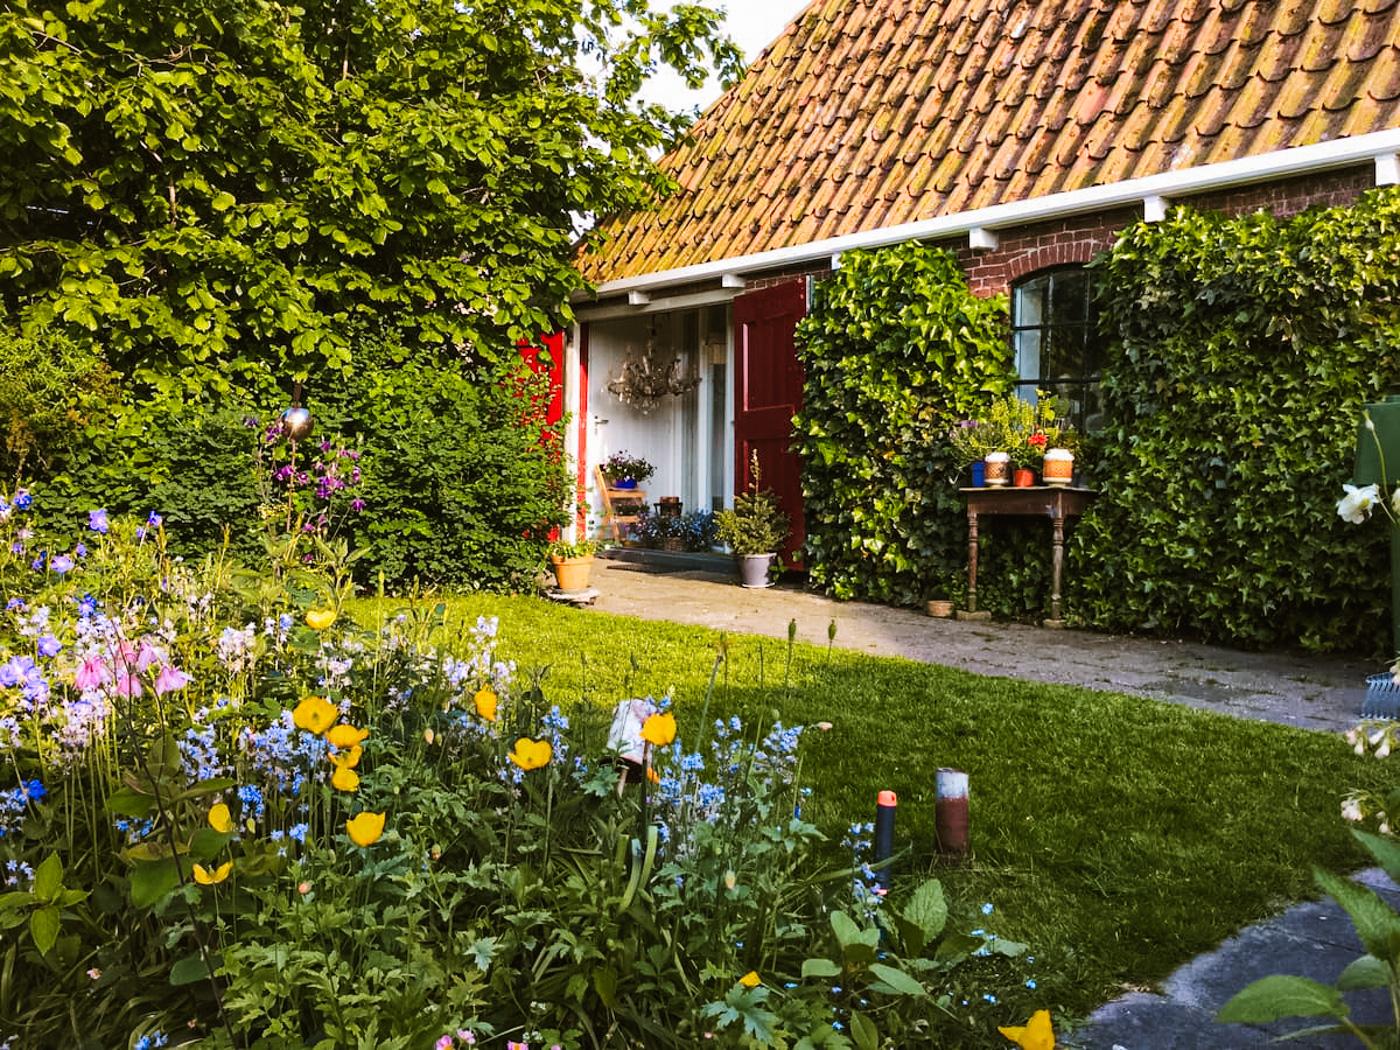 B&B friesland Het Zevende Leven